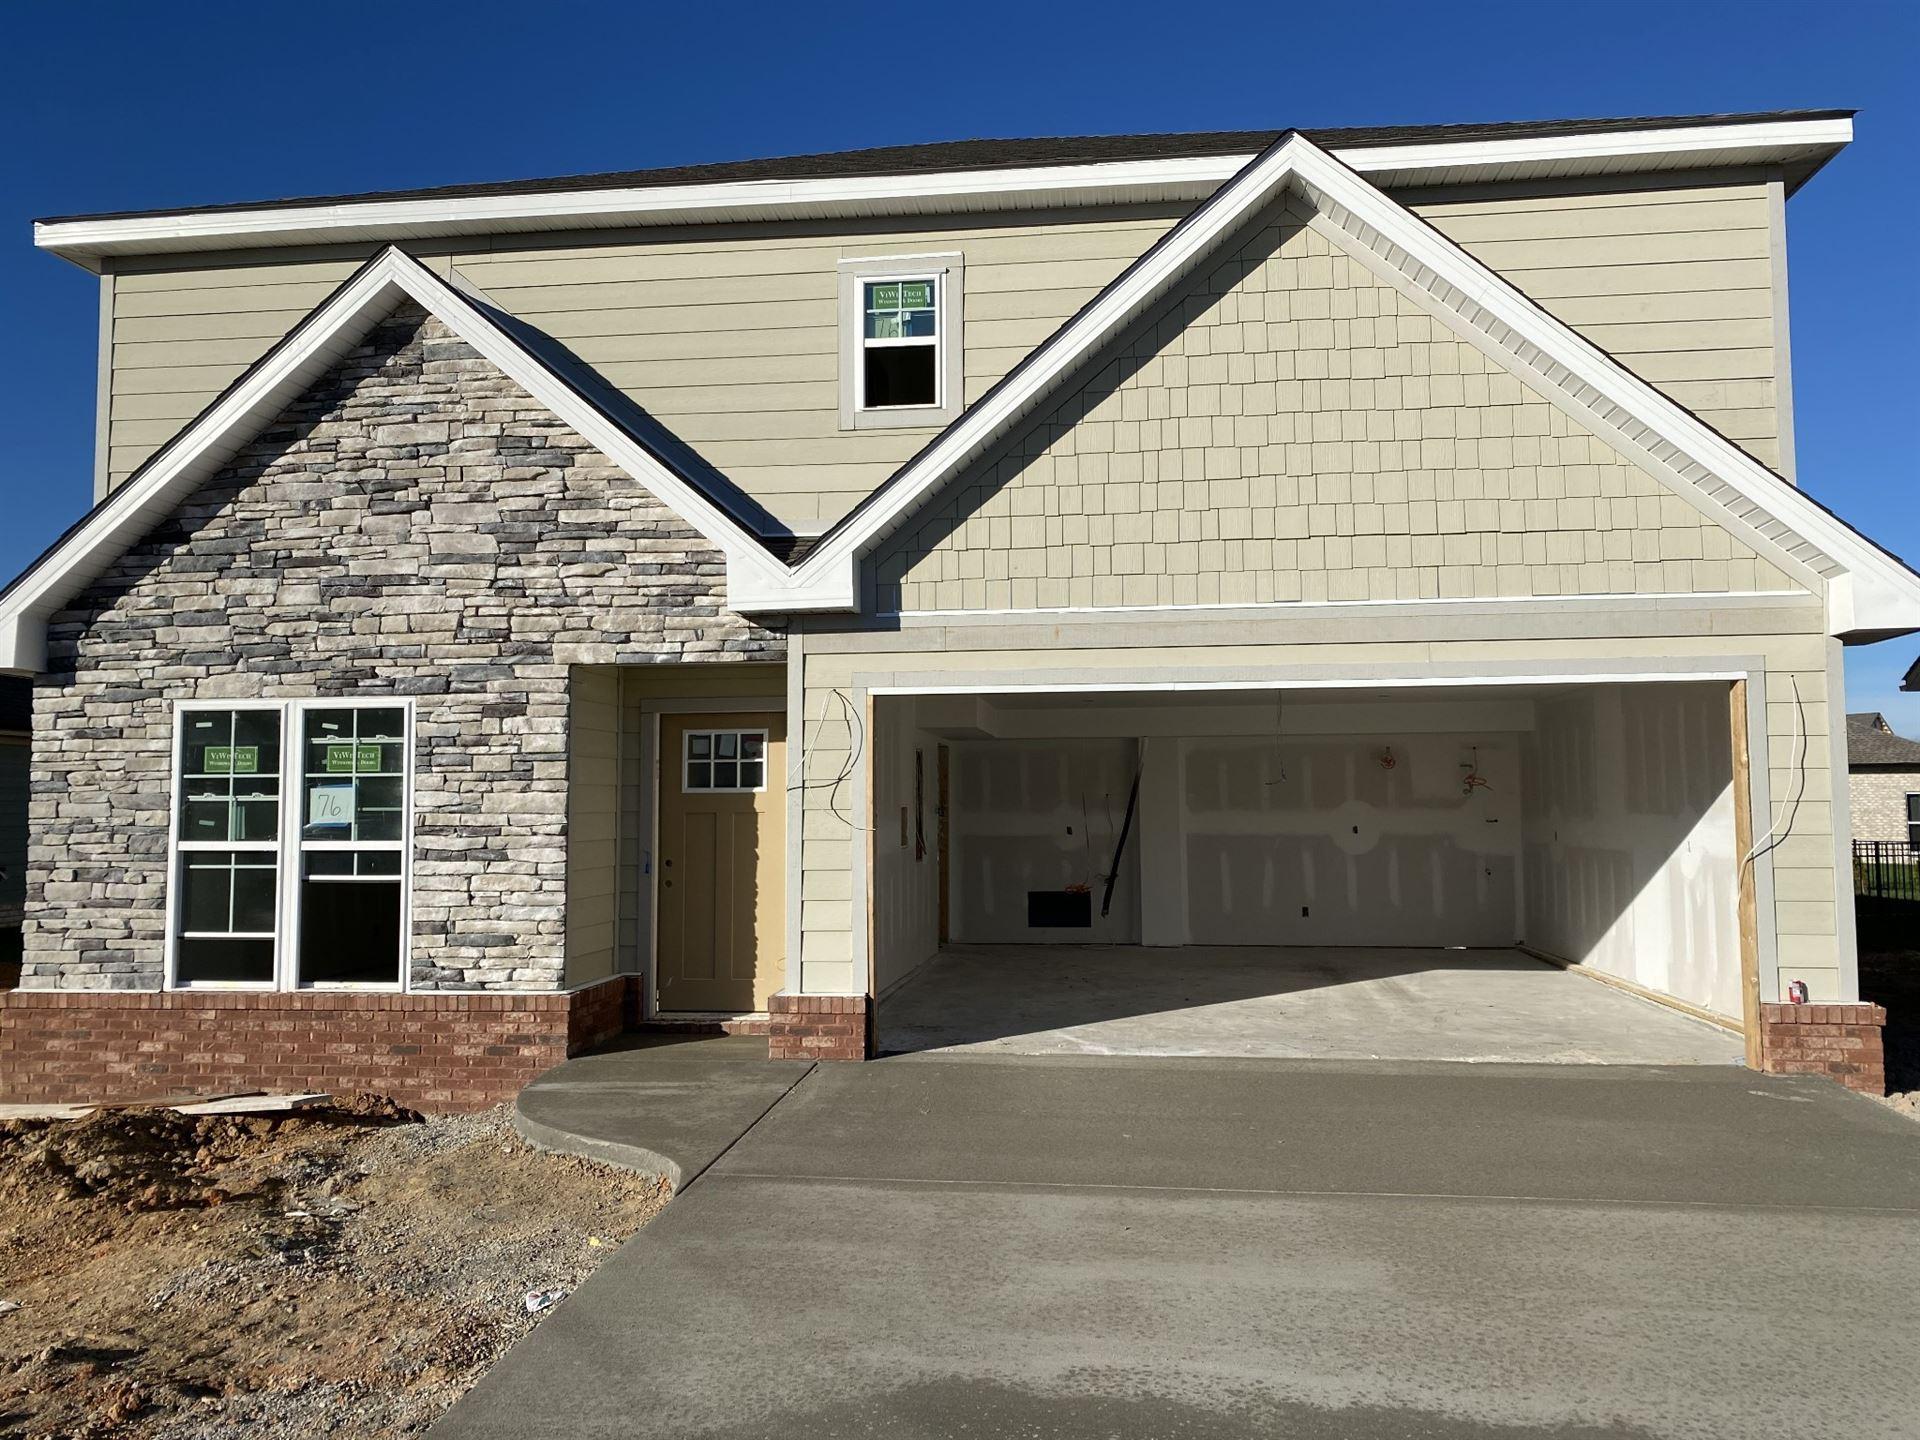 308 Lowline Dr, Clarksville, TN 37043 - MLS#: 2216837